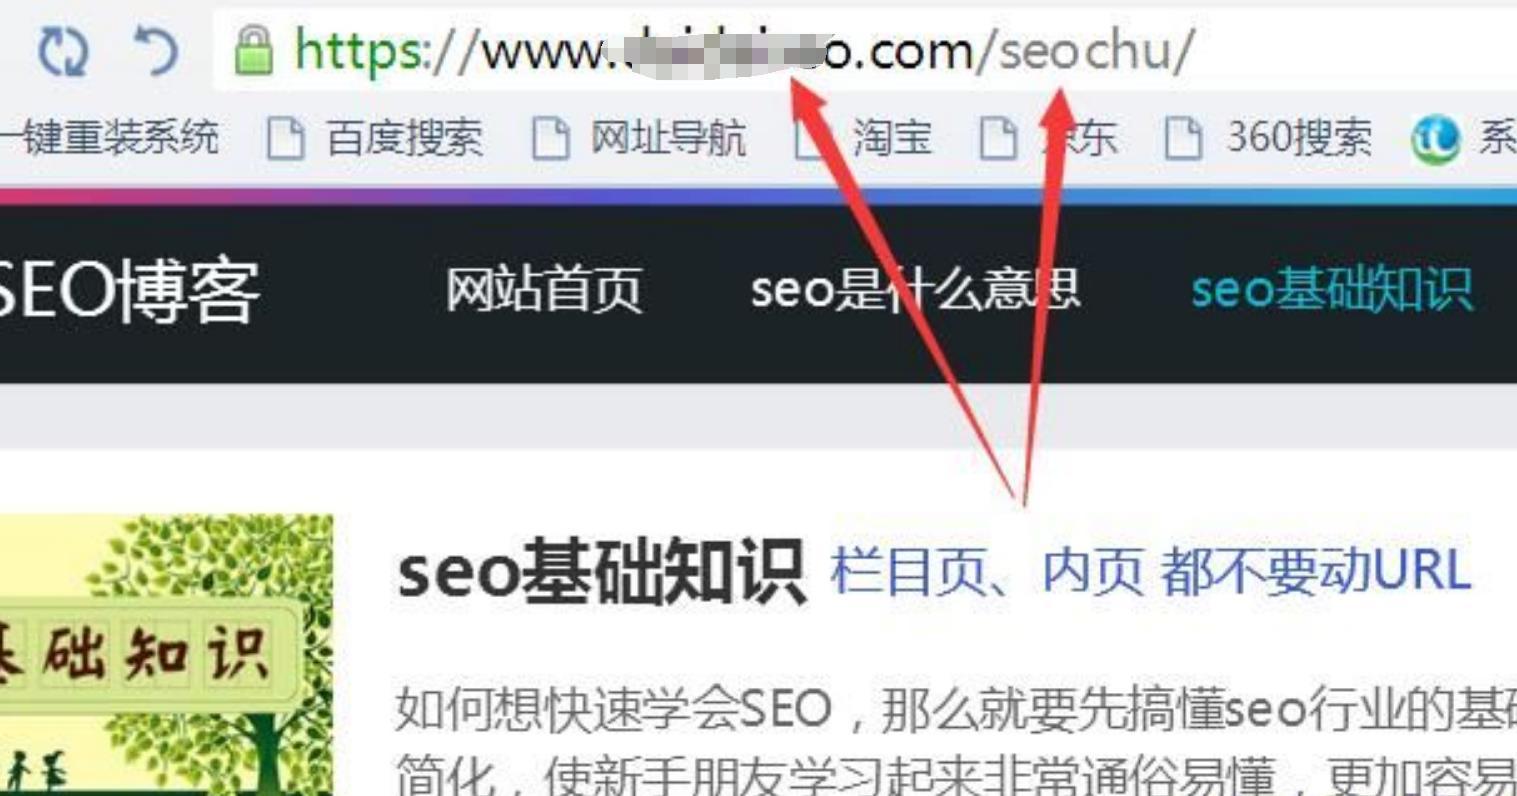 网站改版需要注意什么?避免降权/具体建议